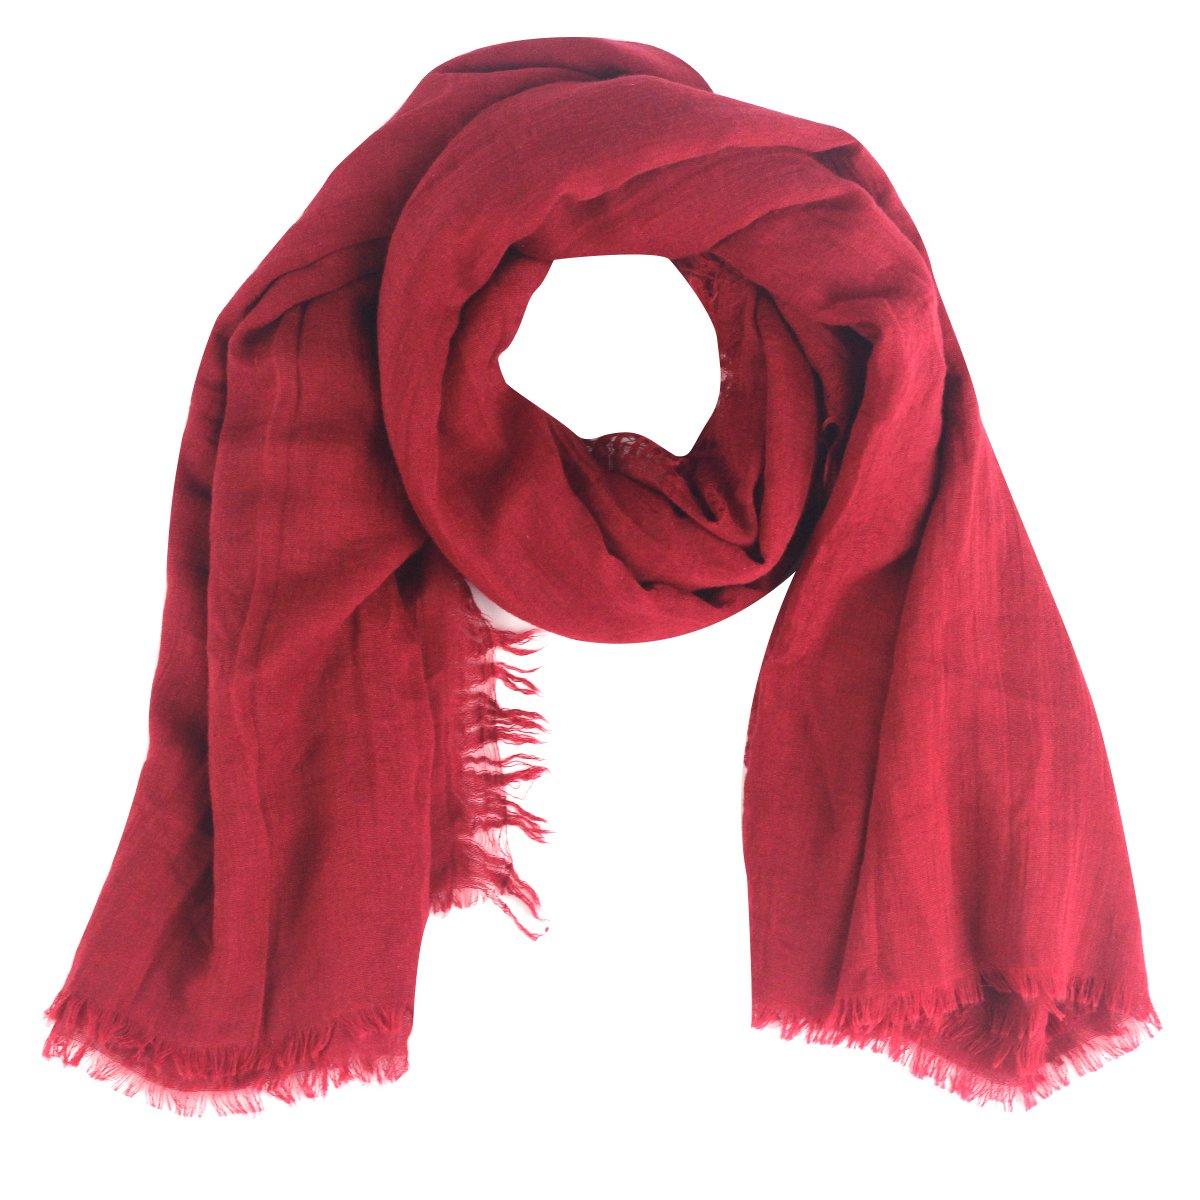 Lady unisex Sciarpa Solid colore puro Frange lunghe Grande oversize in cotone protezione solare dello scialle involucro della spiaggia Infinity 75 x 63 pollici (Rosso) Miss.Travelling 10053